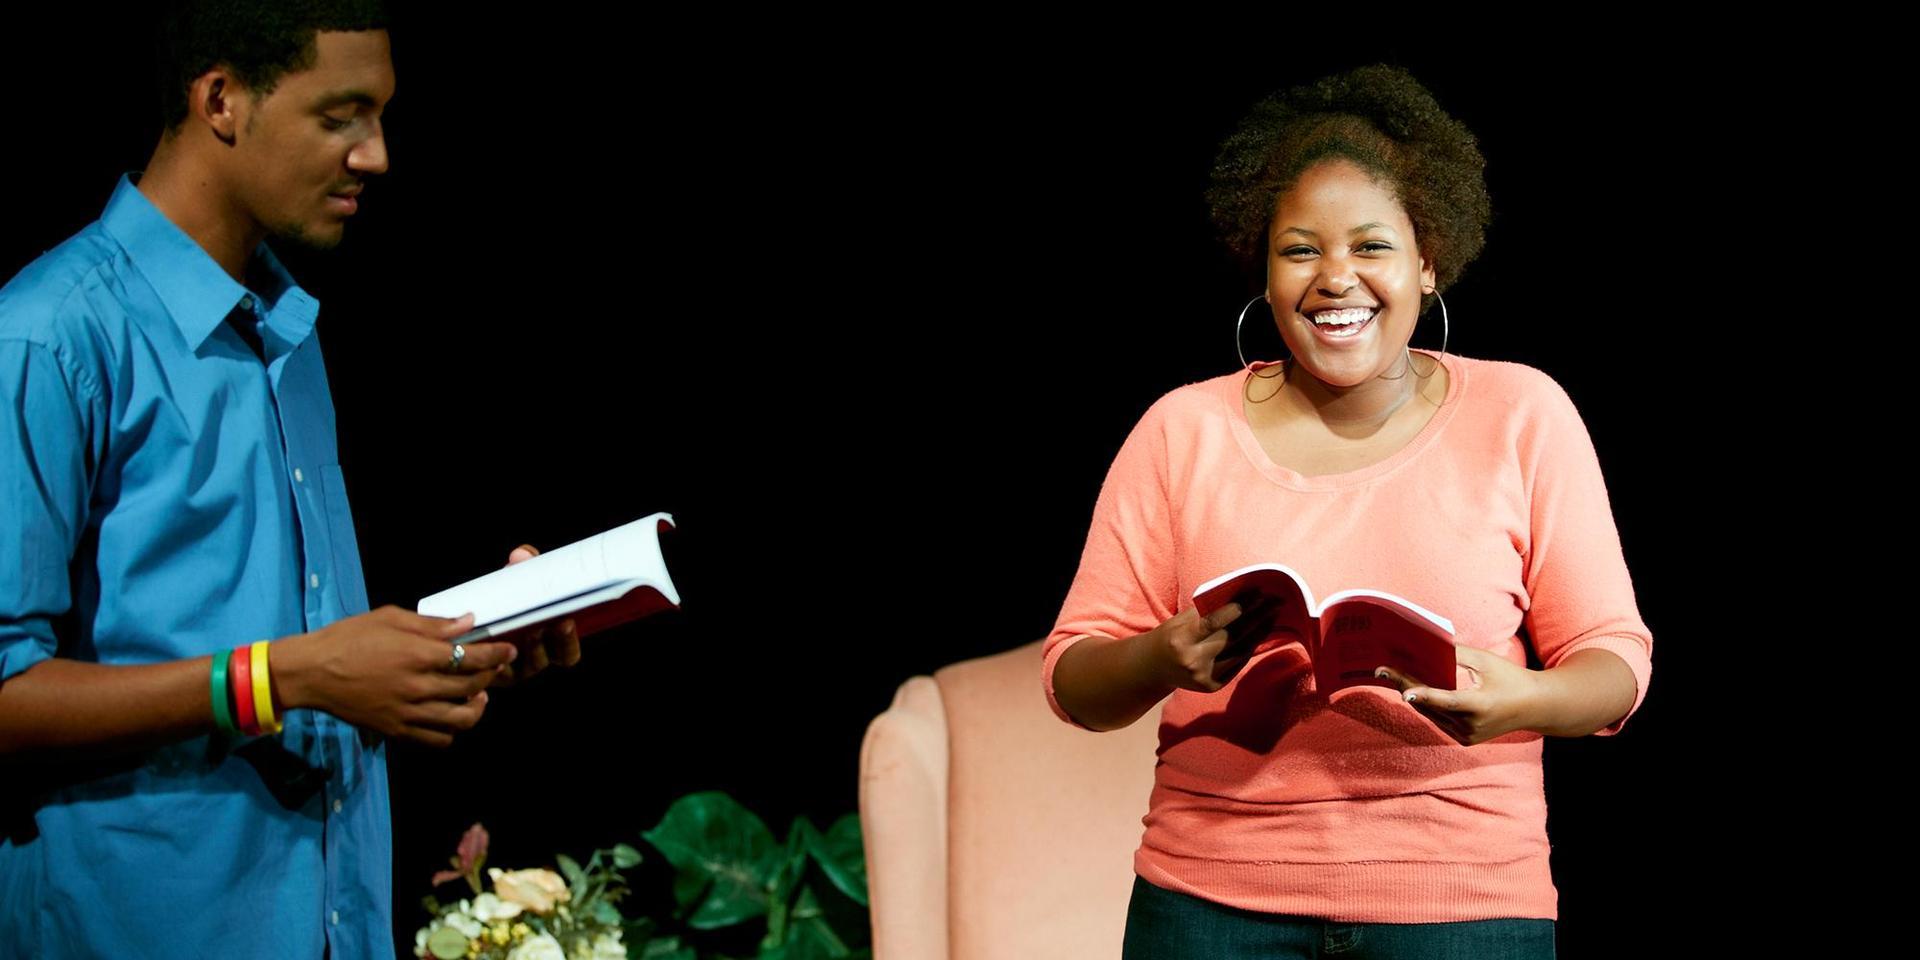 两个学生用剧本排练一个场景.